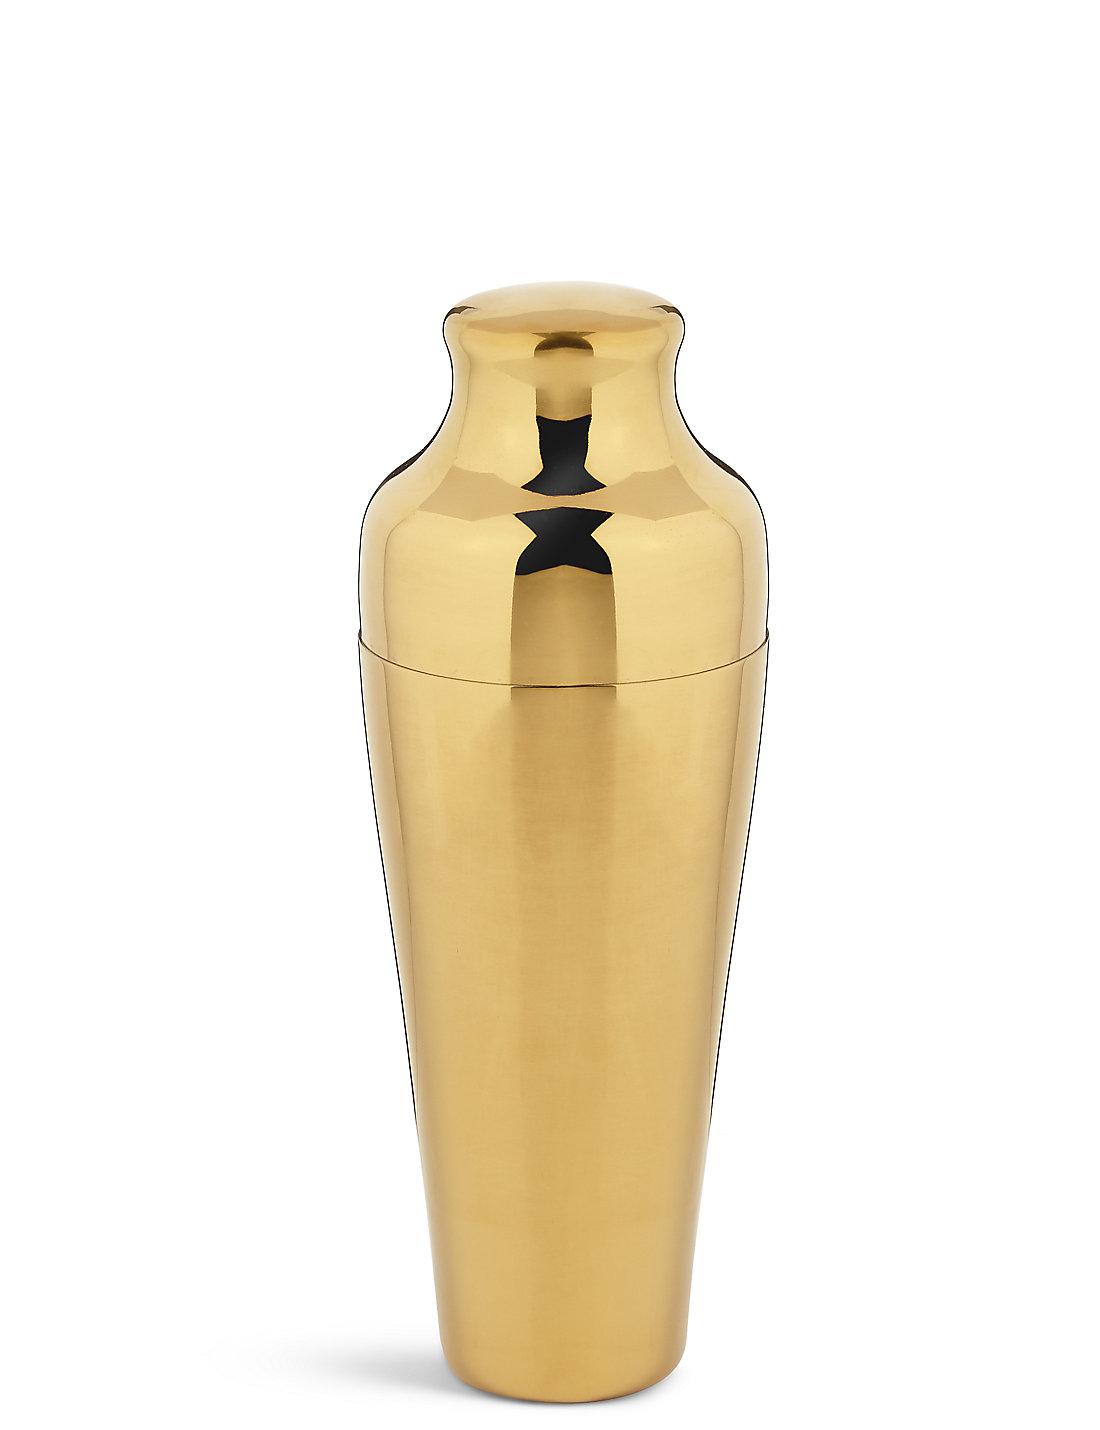 GOLD:  Marks & Spencer Manhattan cocktail shaker